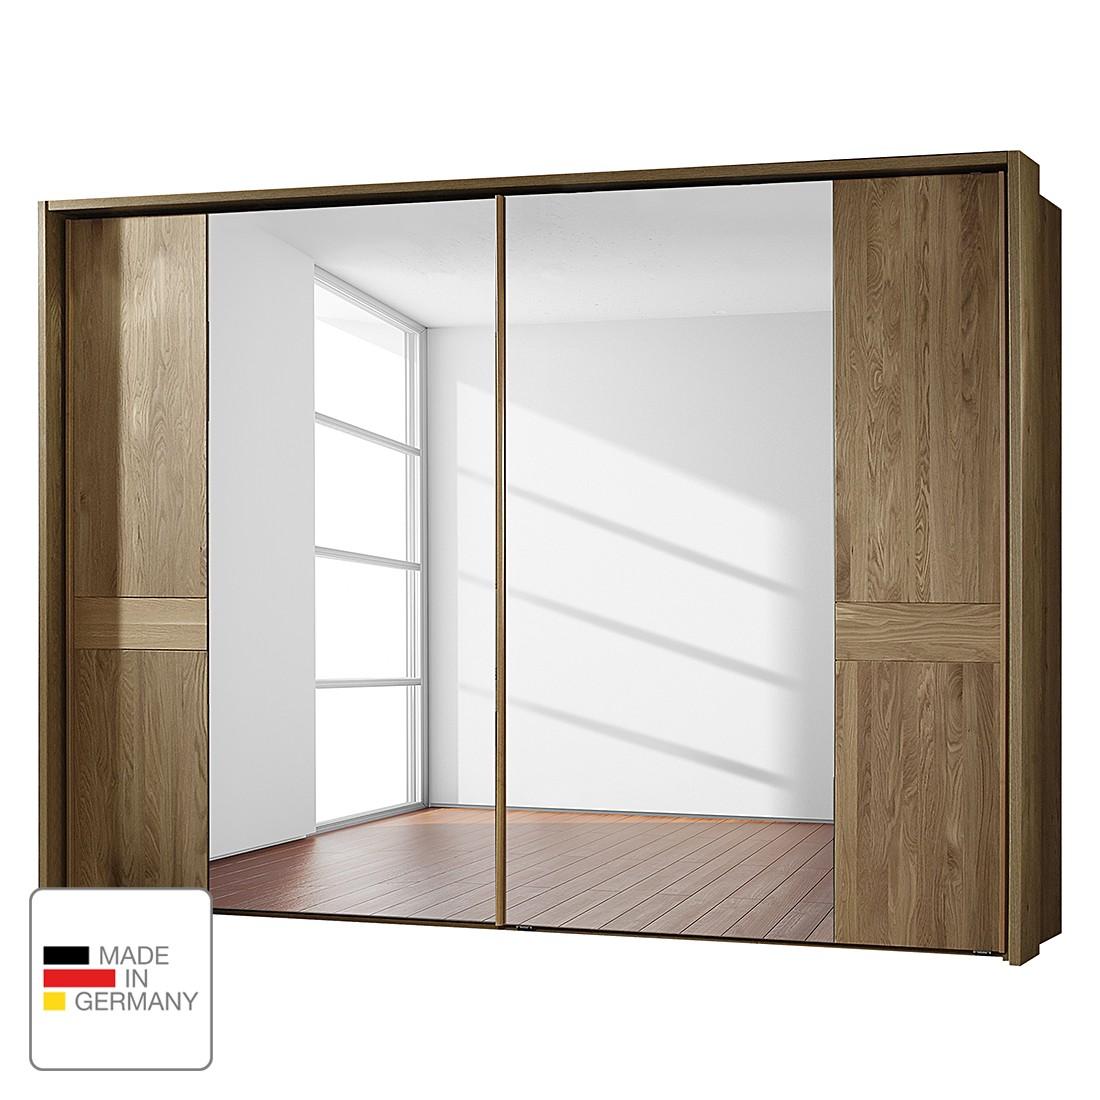 goedkoop Schuifdeurkast Münster deels massief eikenhout 300cm 2 deurs Met Passe partout lijst Wiemann